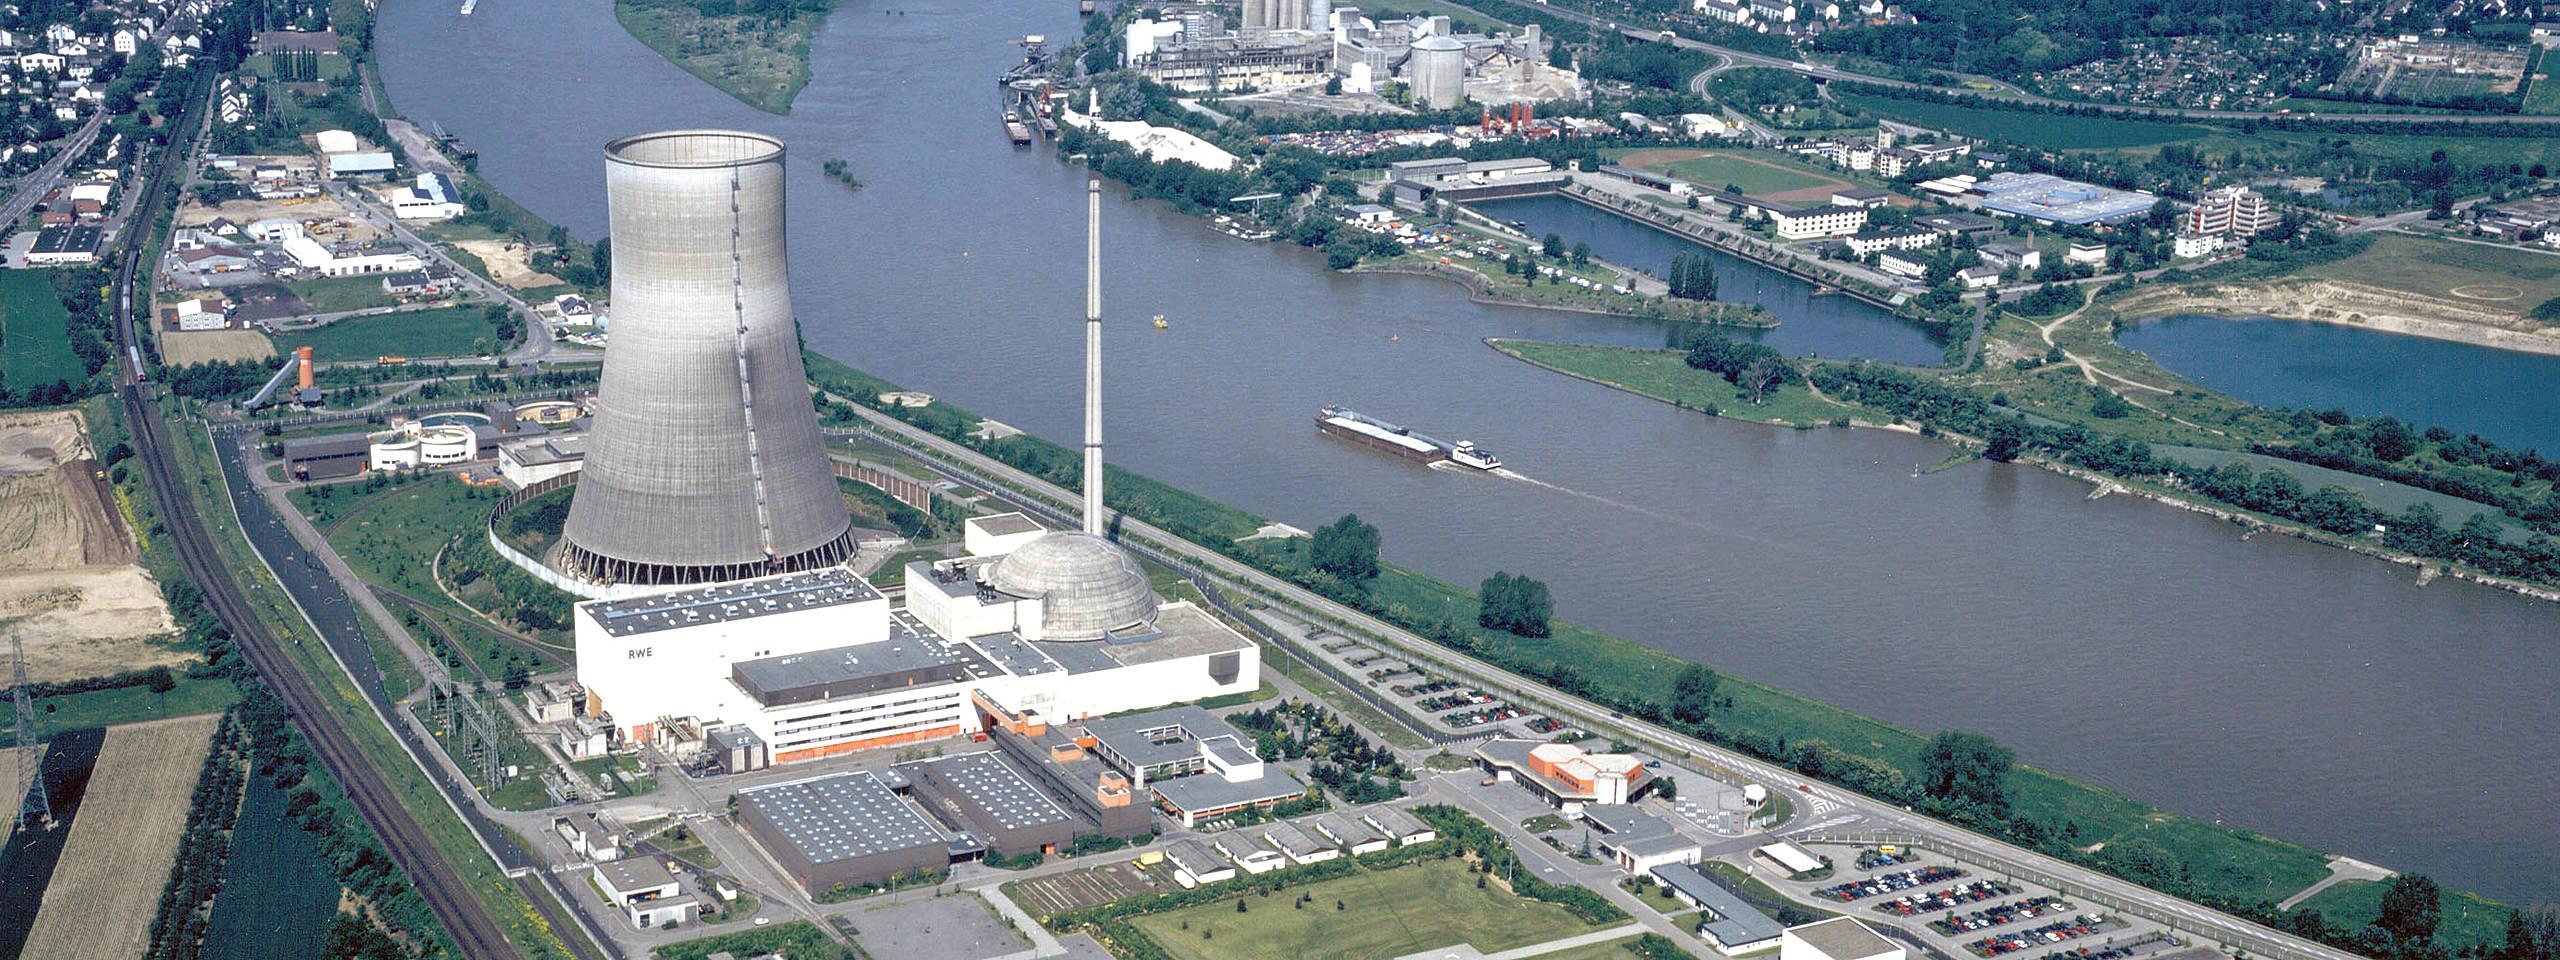 STA02-kernkraftwerk-muelheim-kaerlich